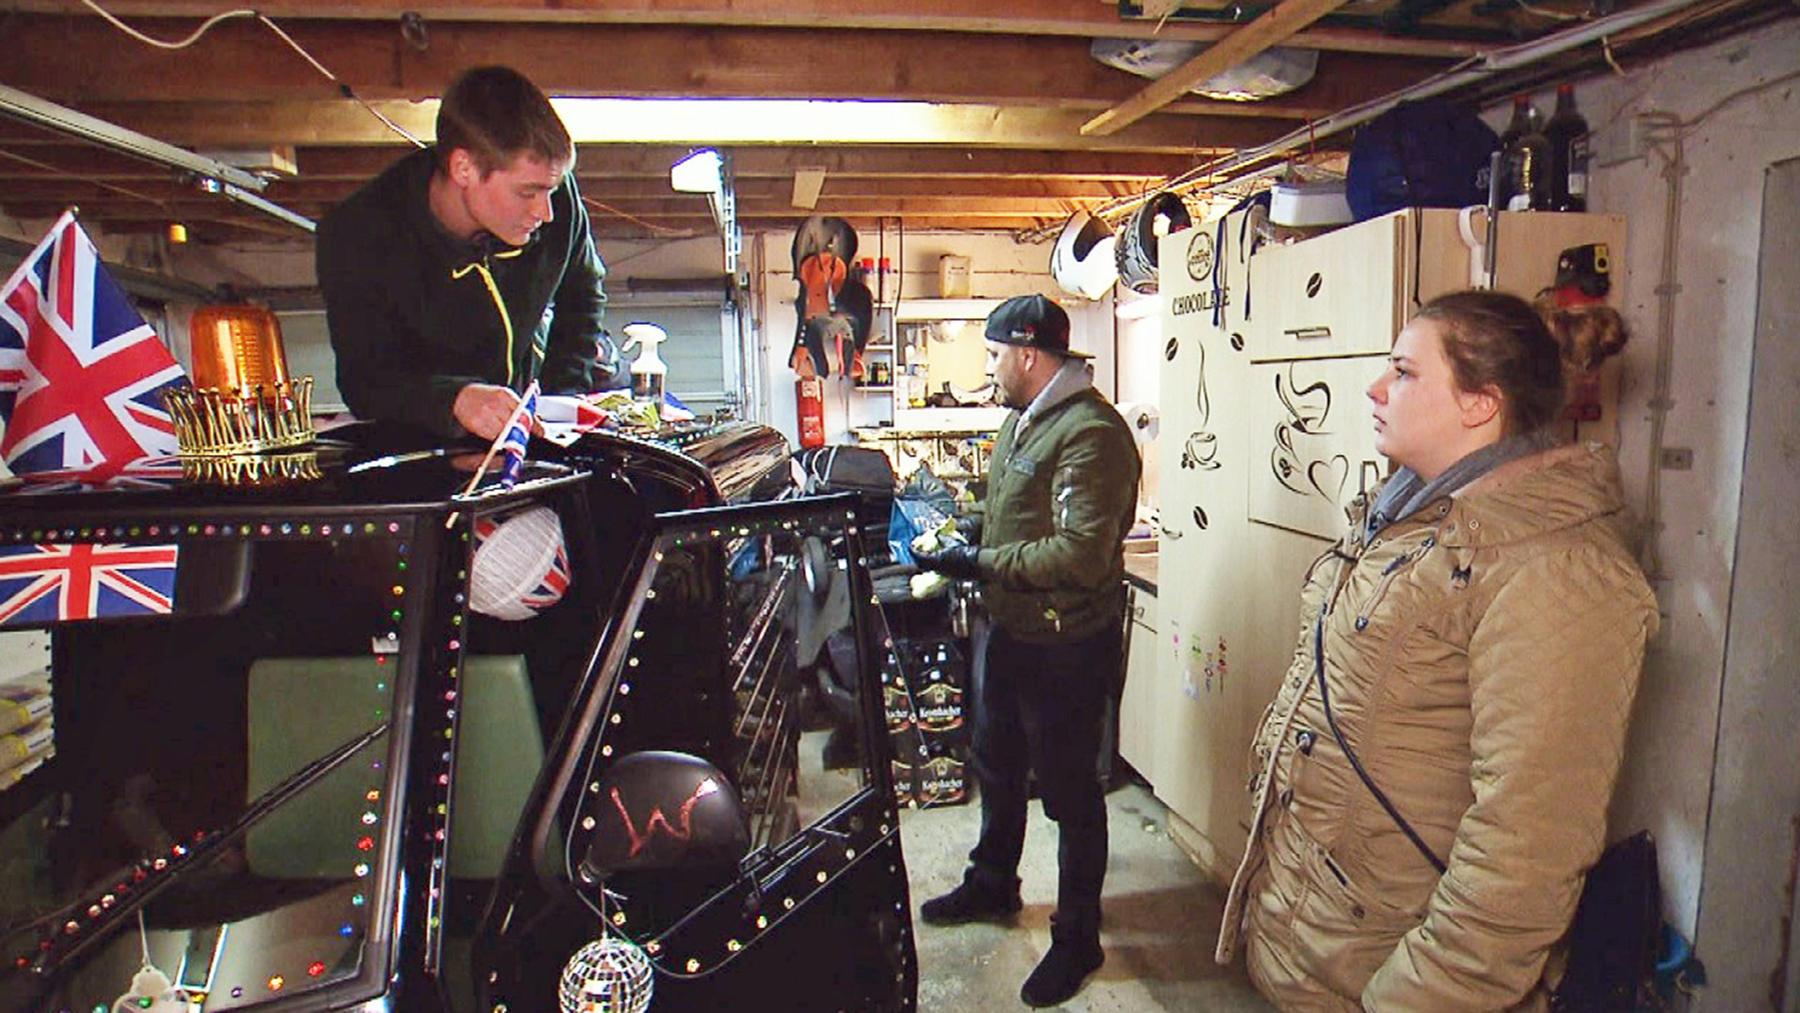 Große Überraschung: Ein motorisiertes Dreirad für Silvia, Die